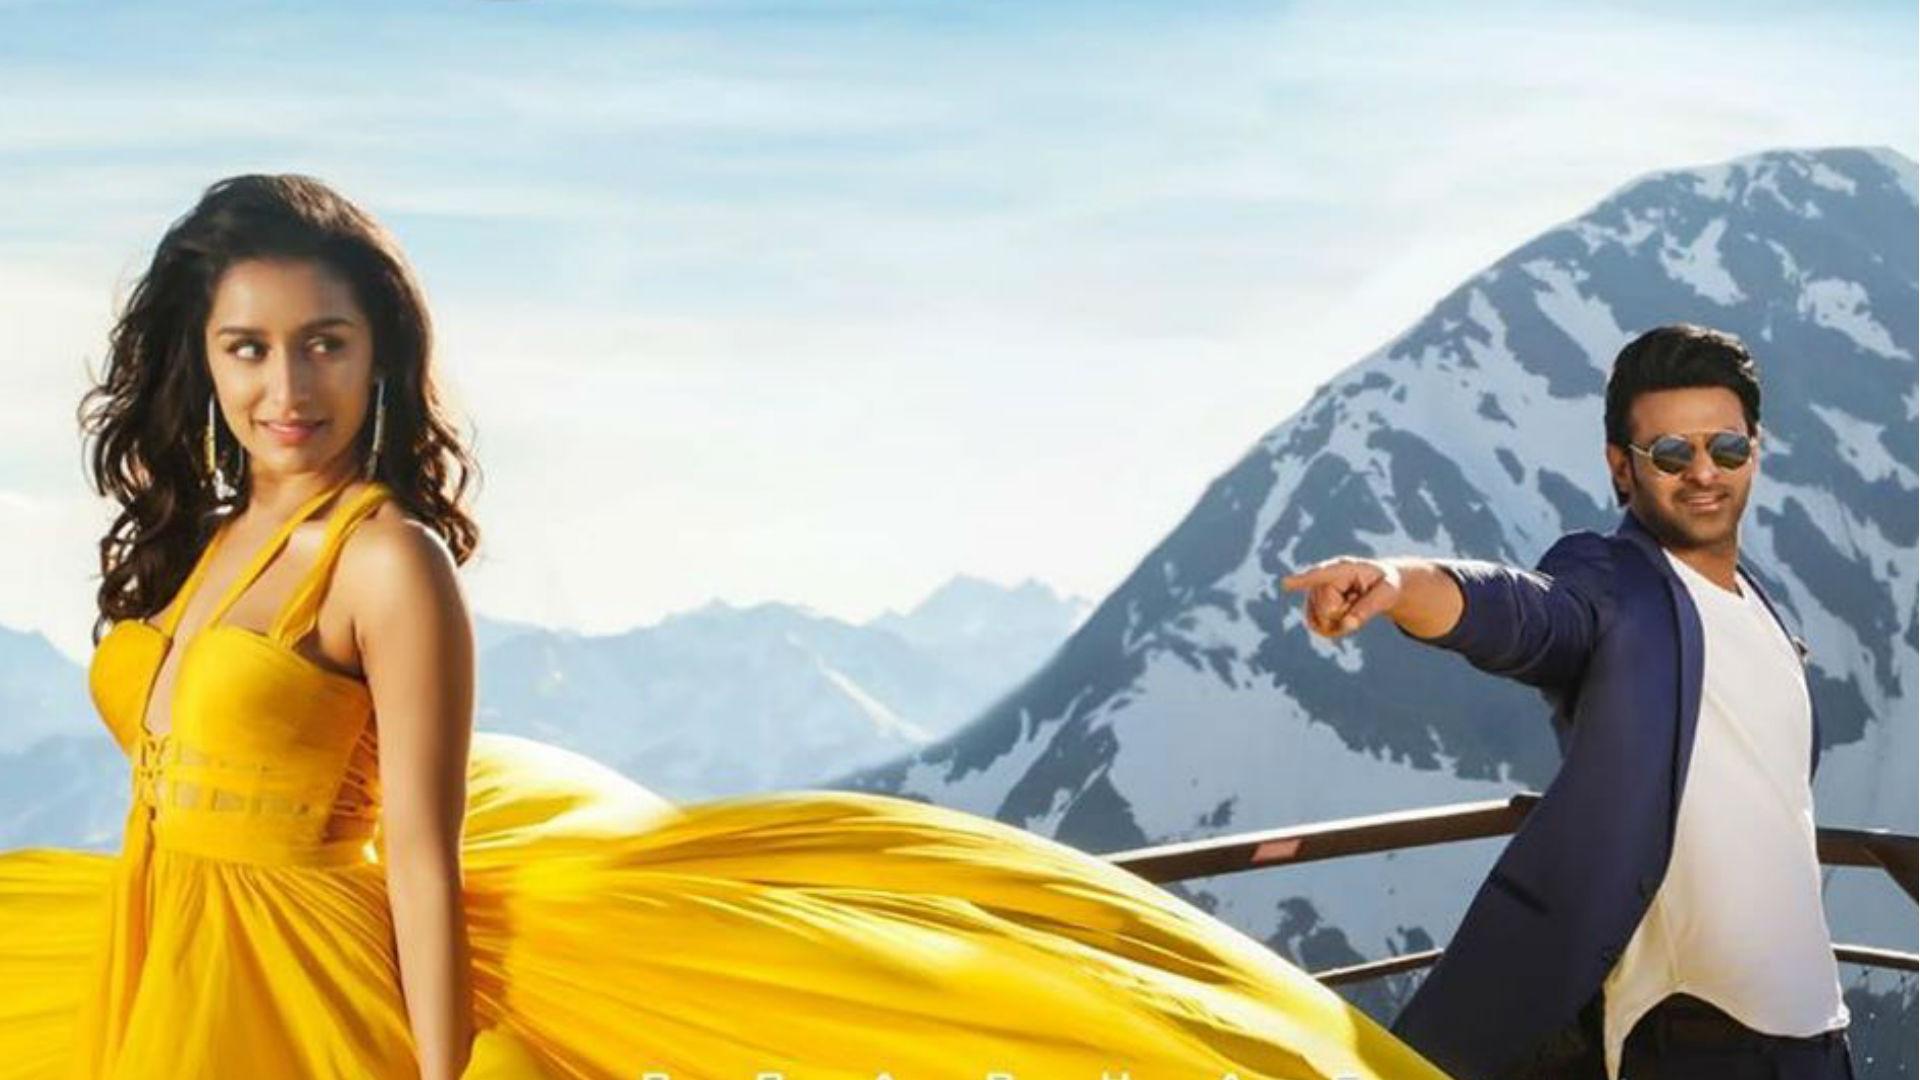 Saaho Movie Song: इस गाने की शूटिंग पर दिखा श्रद्धा कपूर का दिलकश अंदाज, एक्ट्रेस ने शेयर की ये खास तस्वीरें